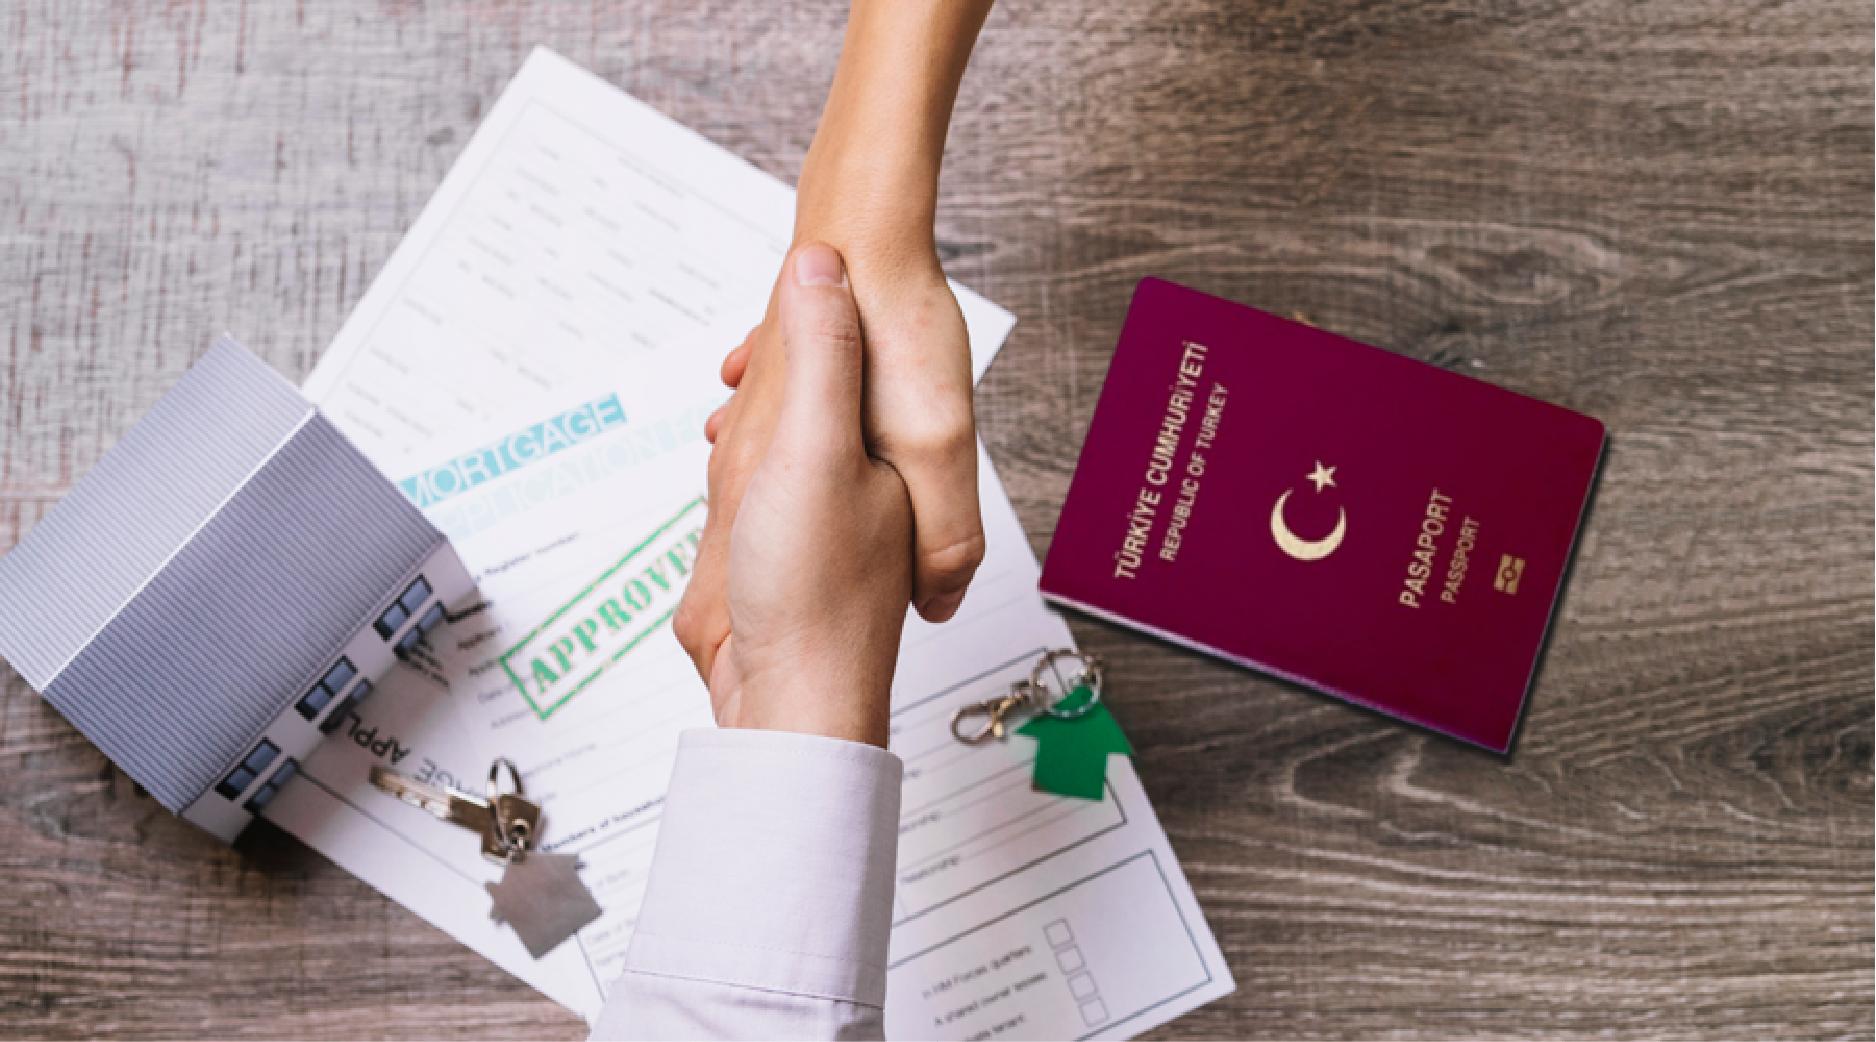 خطوات الحصول على الجنسية التركية عبر التملك العقاري